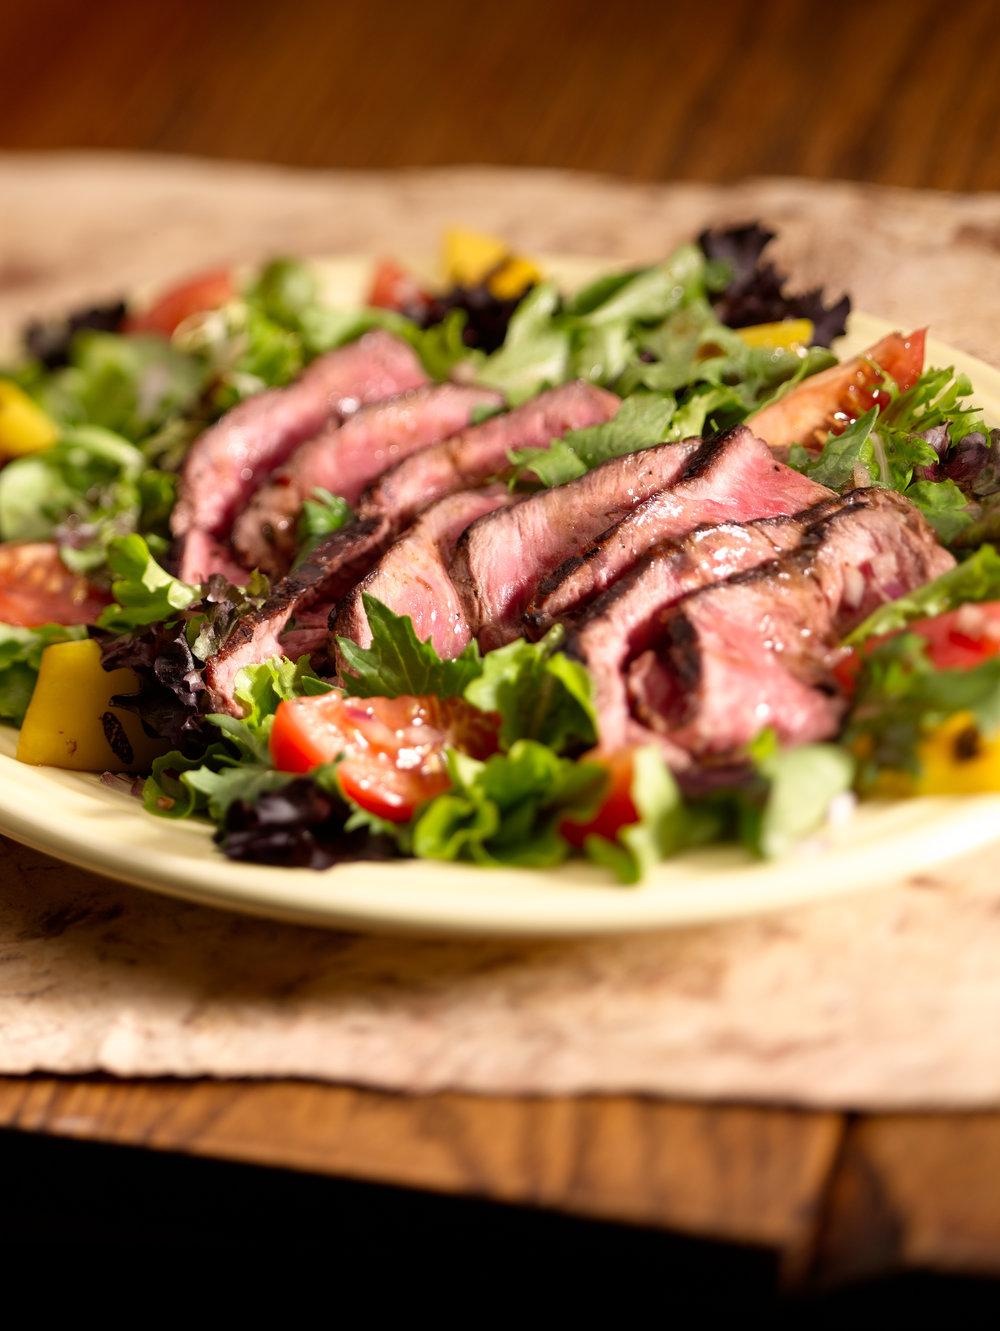 Nurture Ranch Steak Salad Recipe made with Nurture Ranch Grass Fed Tenderloin Filet.